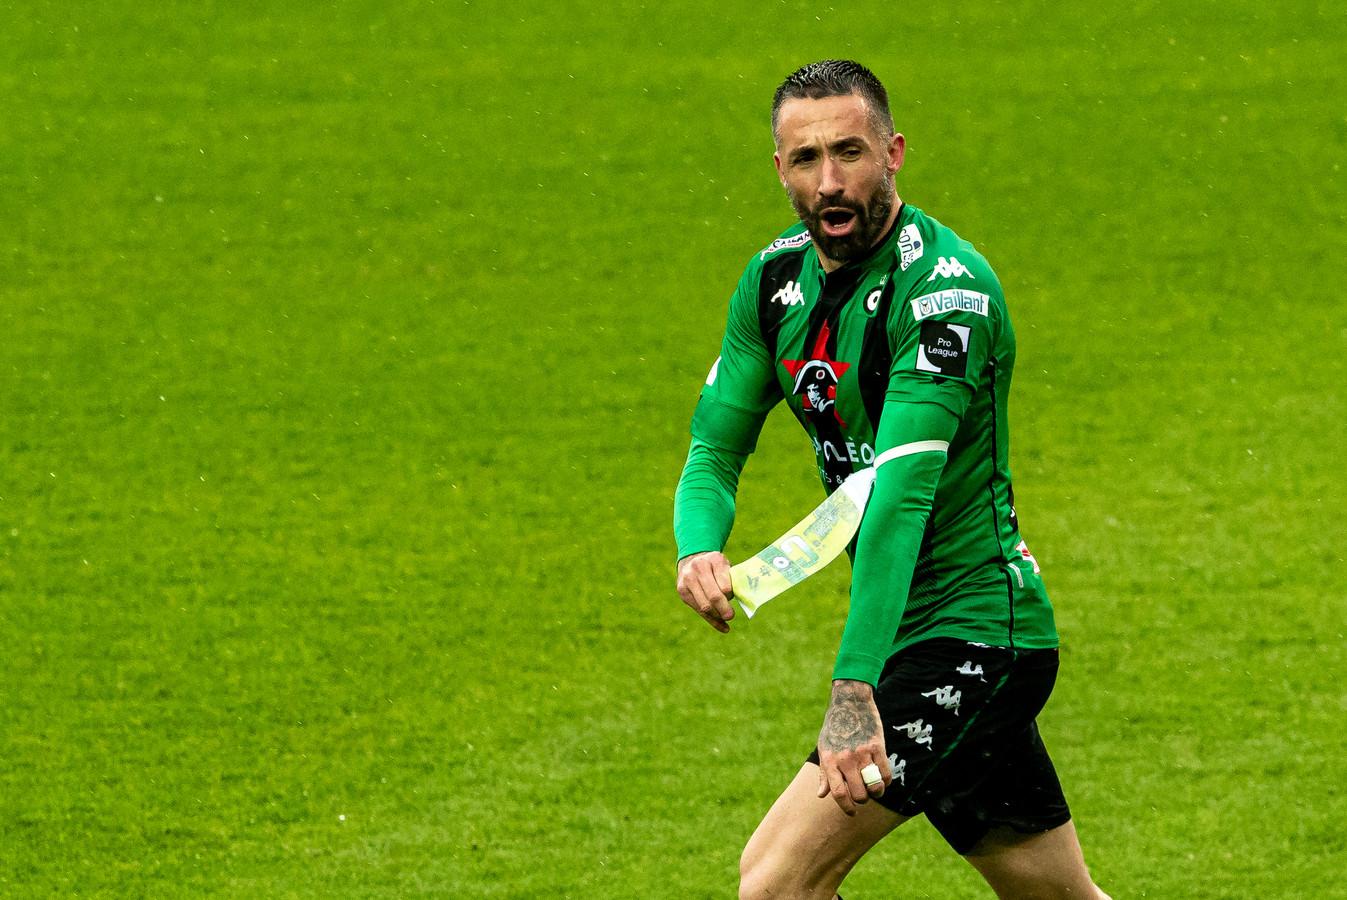 RWDM was in gesprek met centrale verdediger Jérémy Taravel van Cercle Brugge, maar ziet door diens getalm af van zijn diensten.